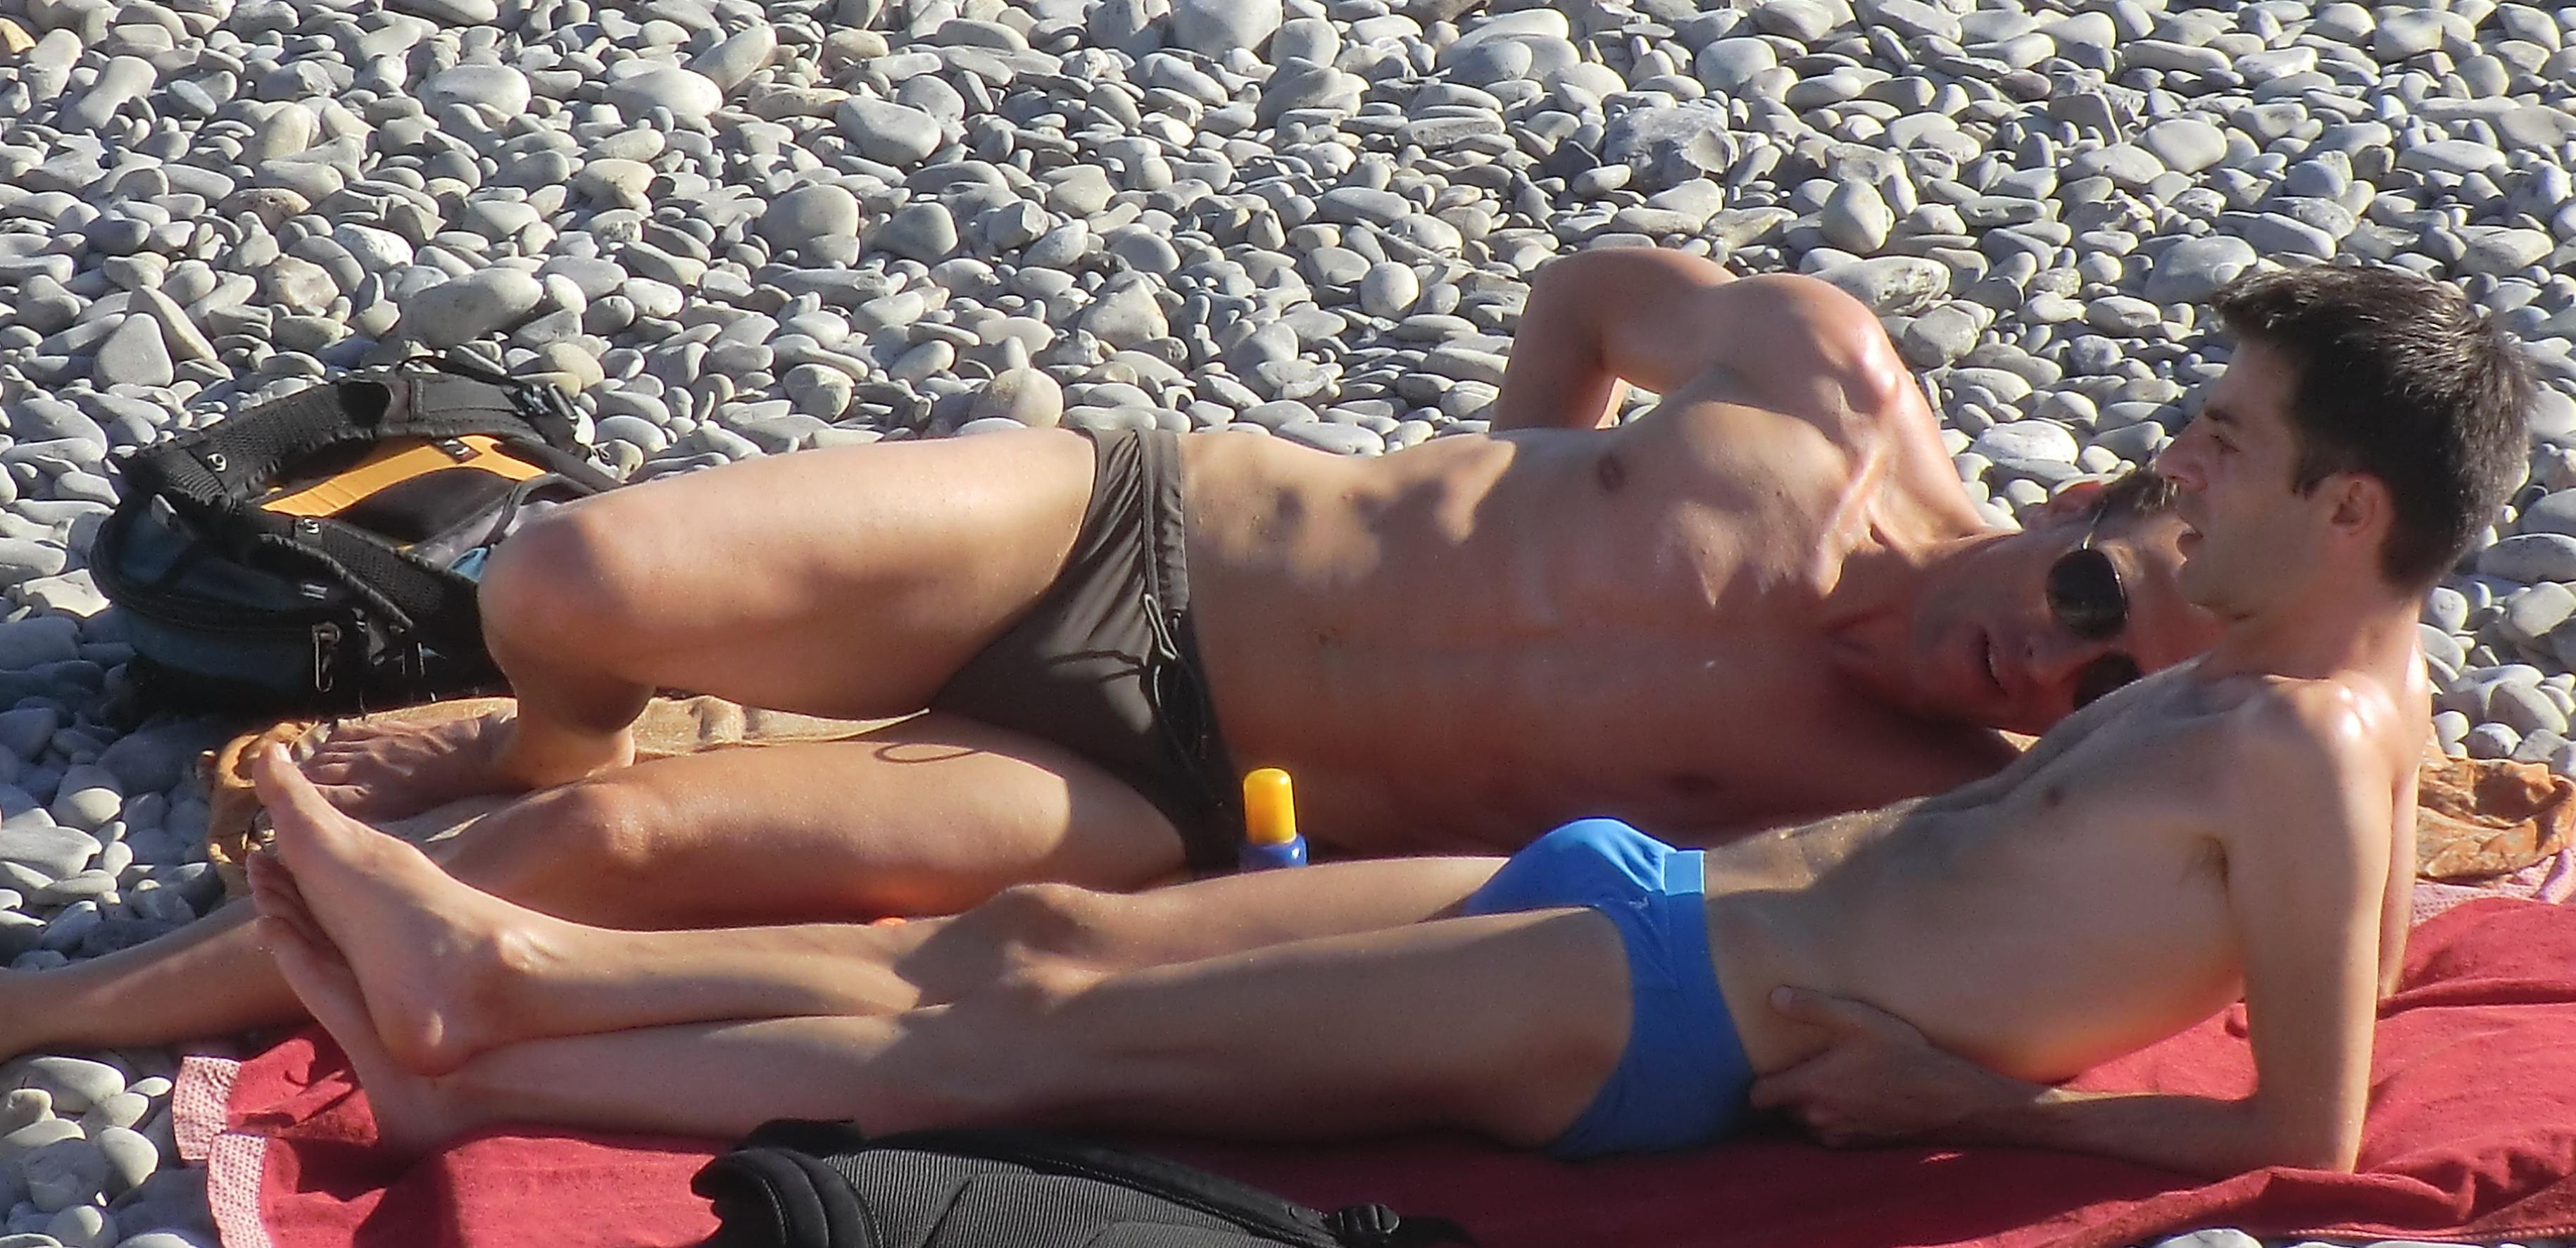 gay beaches france